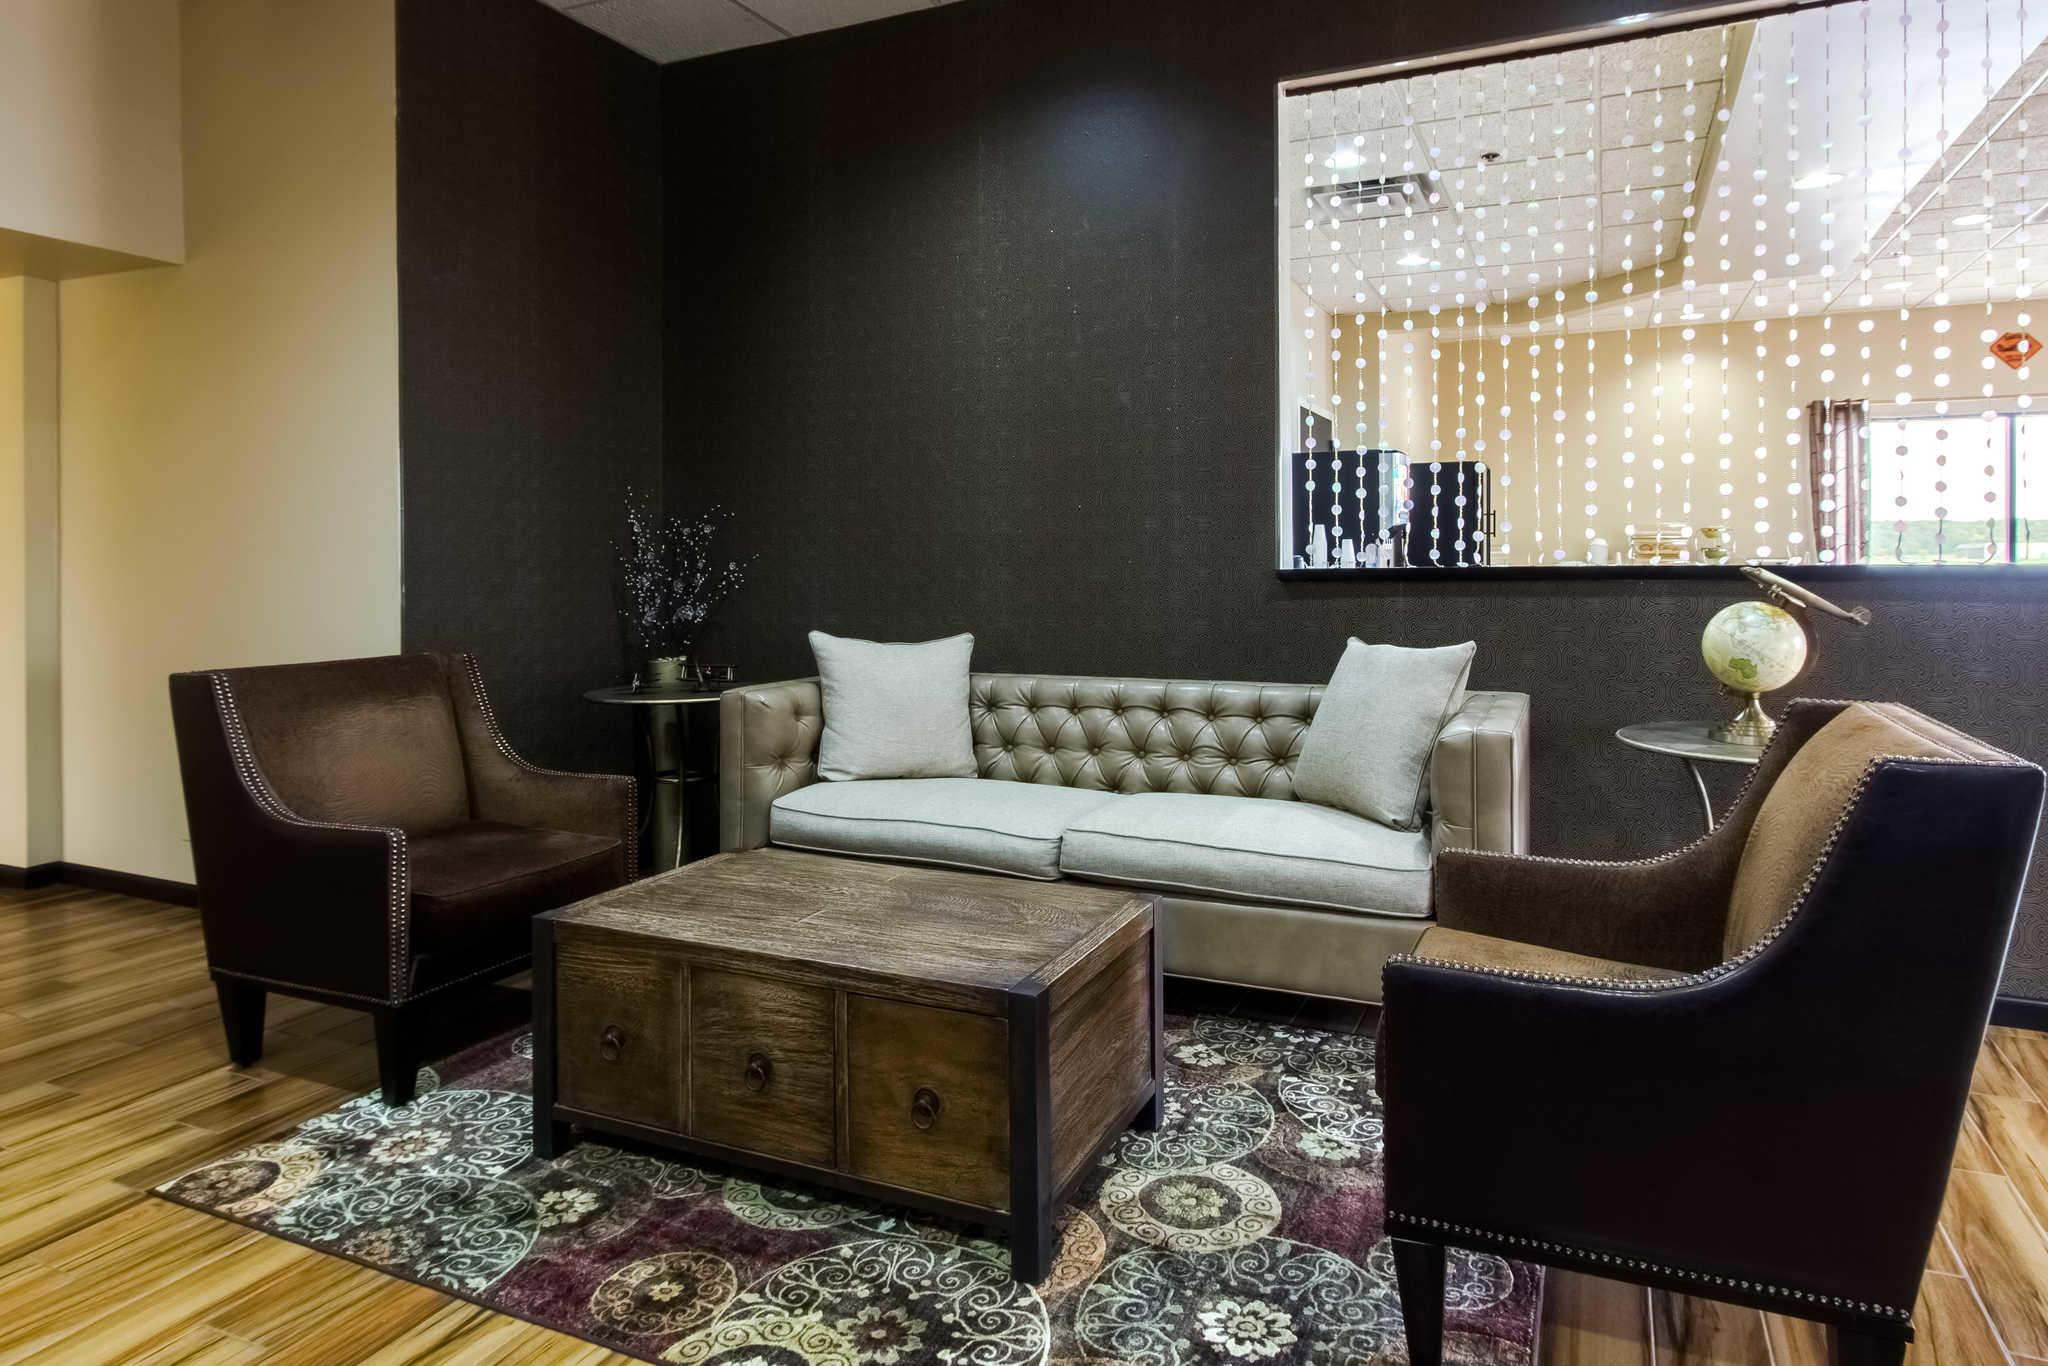 Quality Inn & Suites Moline - Quad Cities image 3